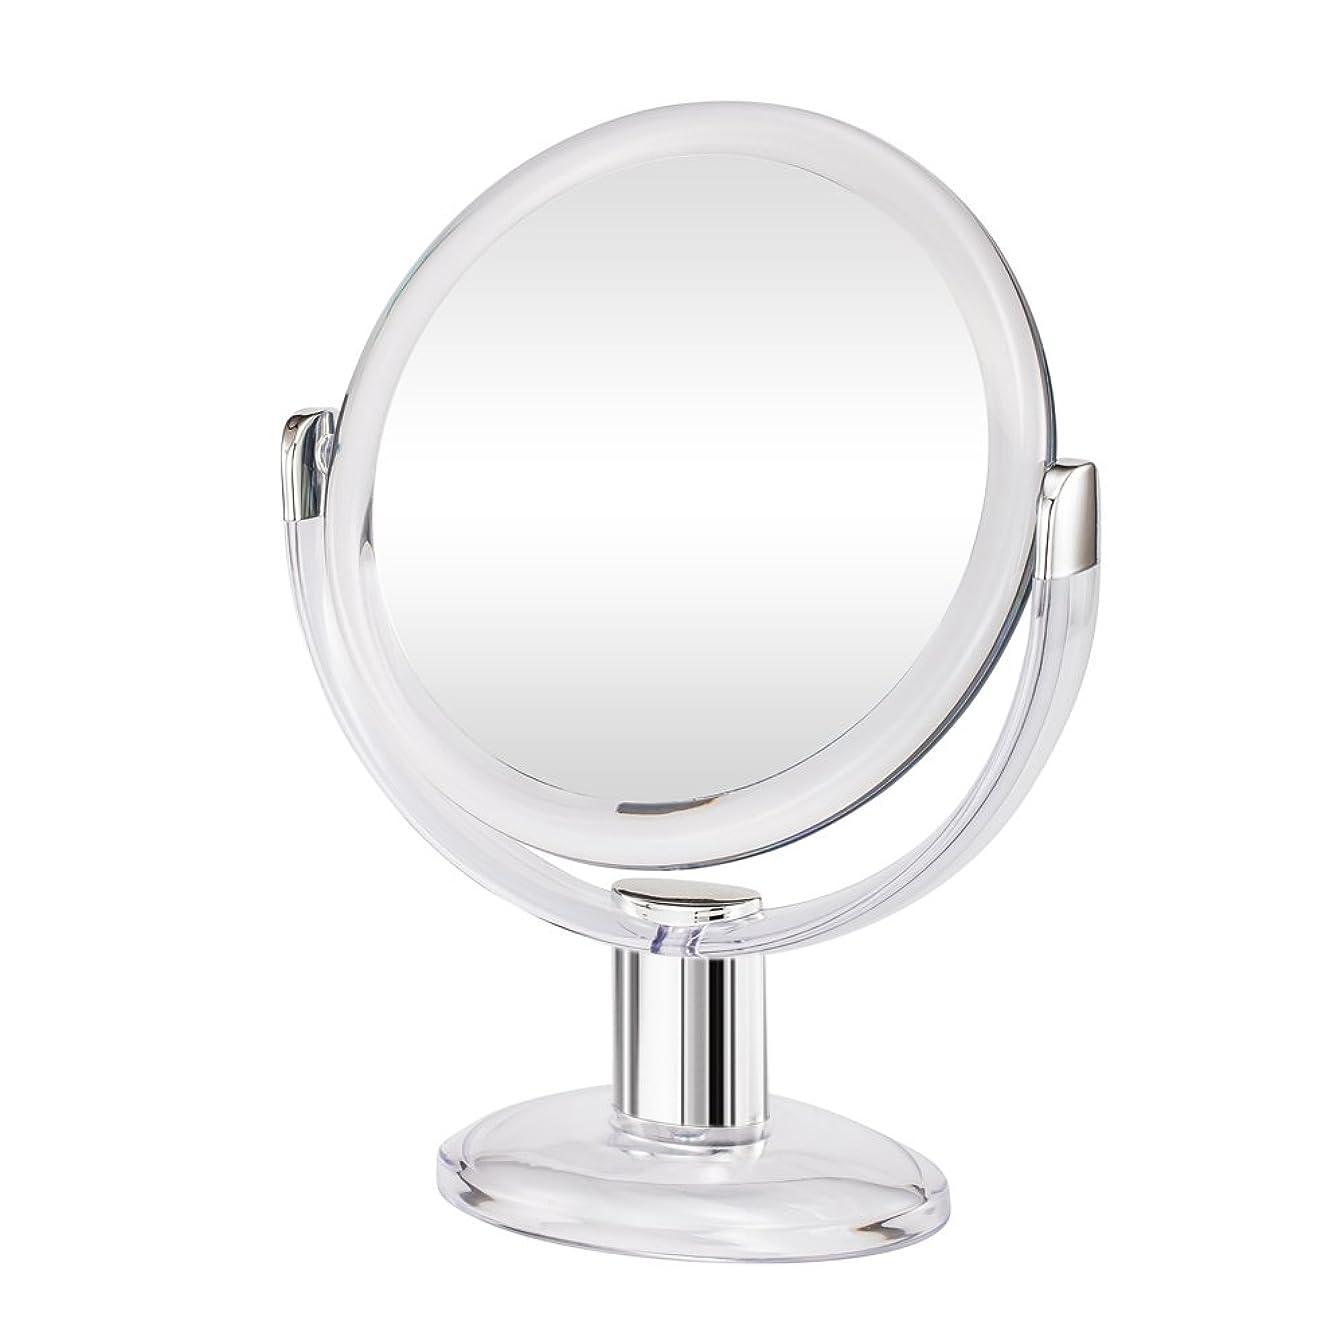 理論的砂利Gotofine両面拡大鏡、360度回転1倍と10倍倍率 - クリアと透明